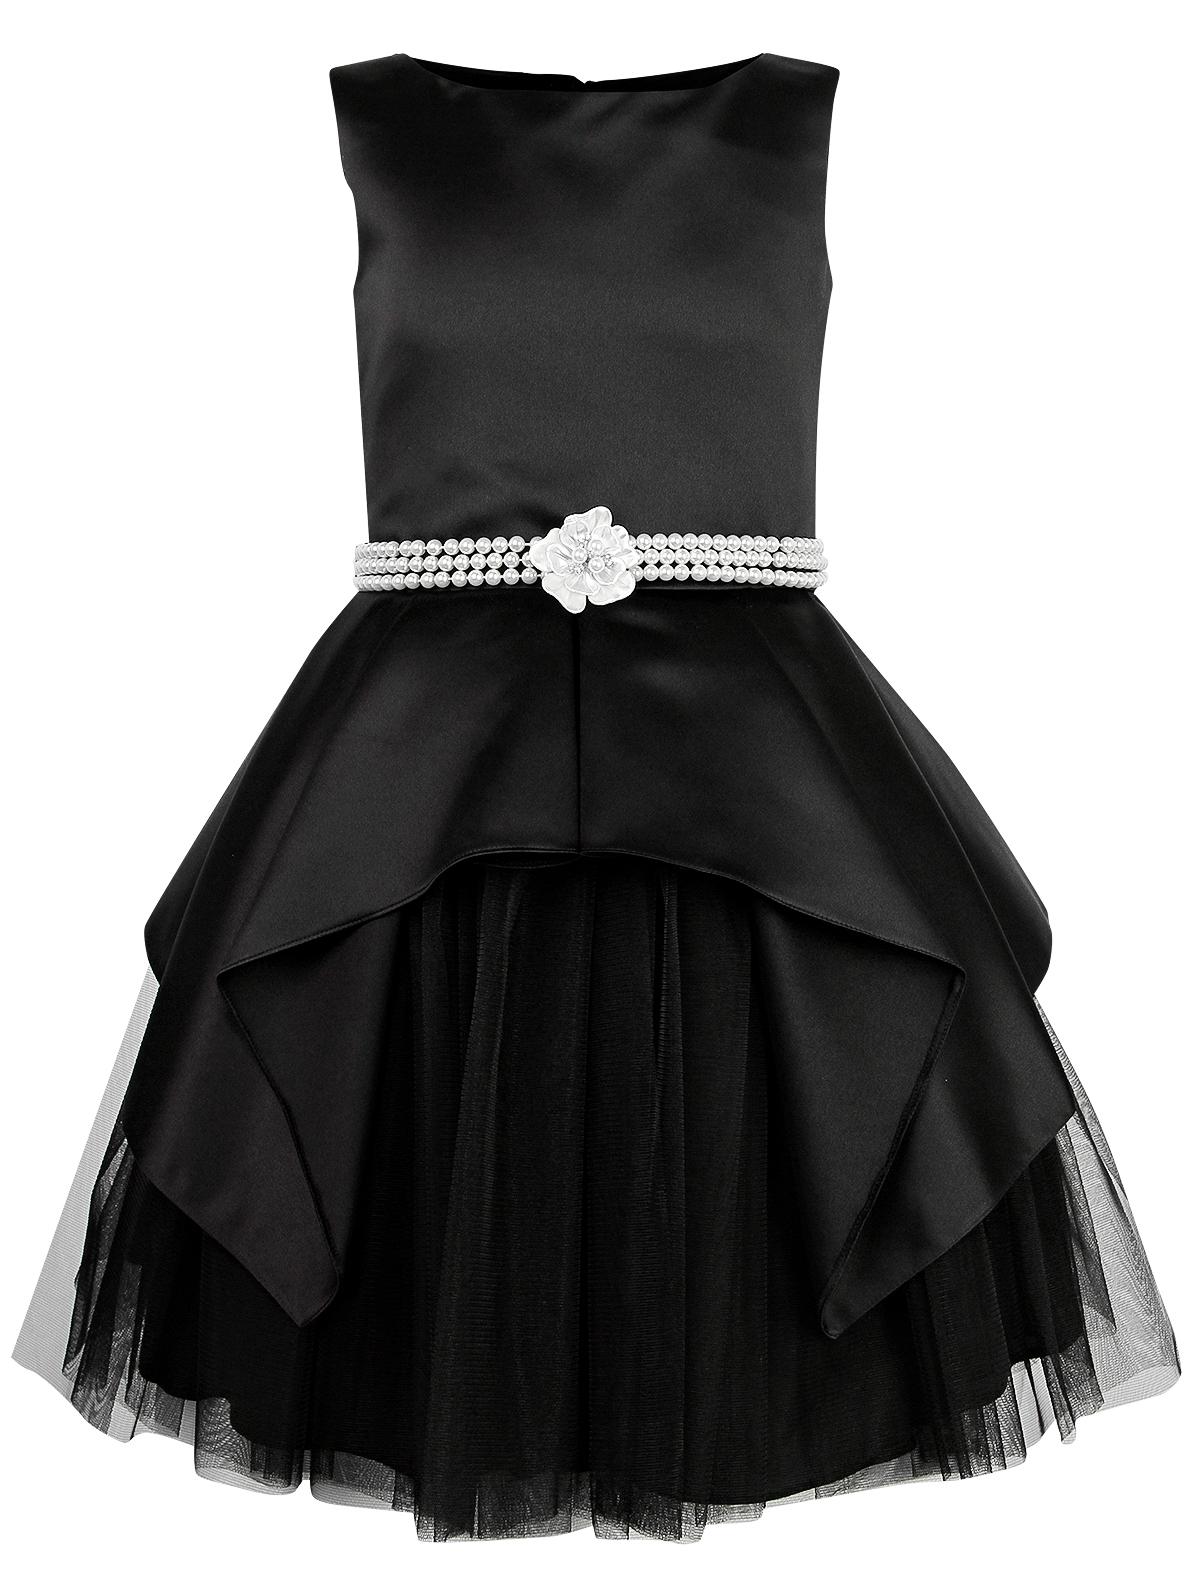 Купить 1867605, Платье David Charles, черный, Женский, 1051109880443